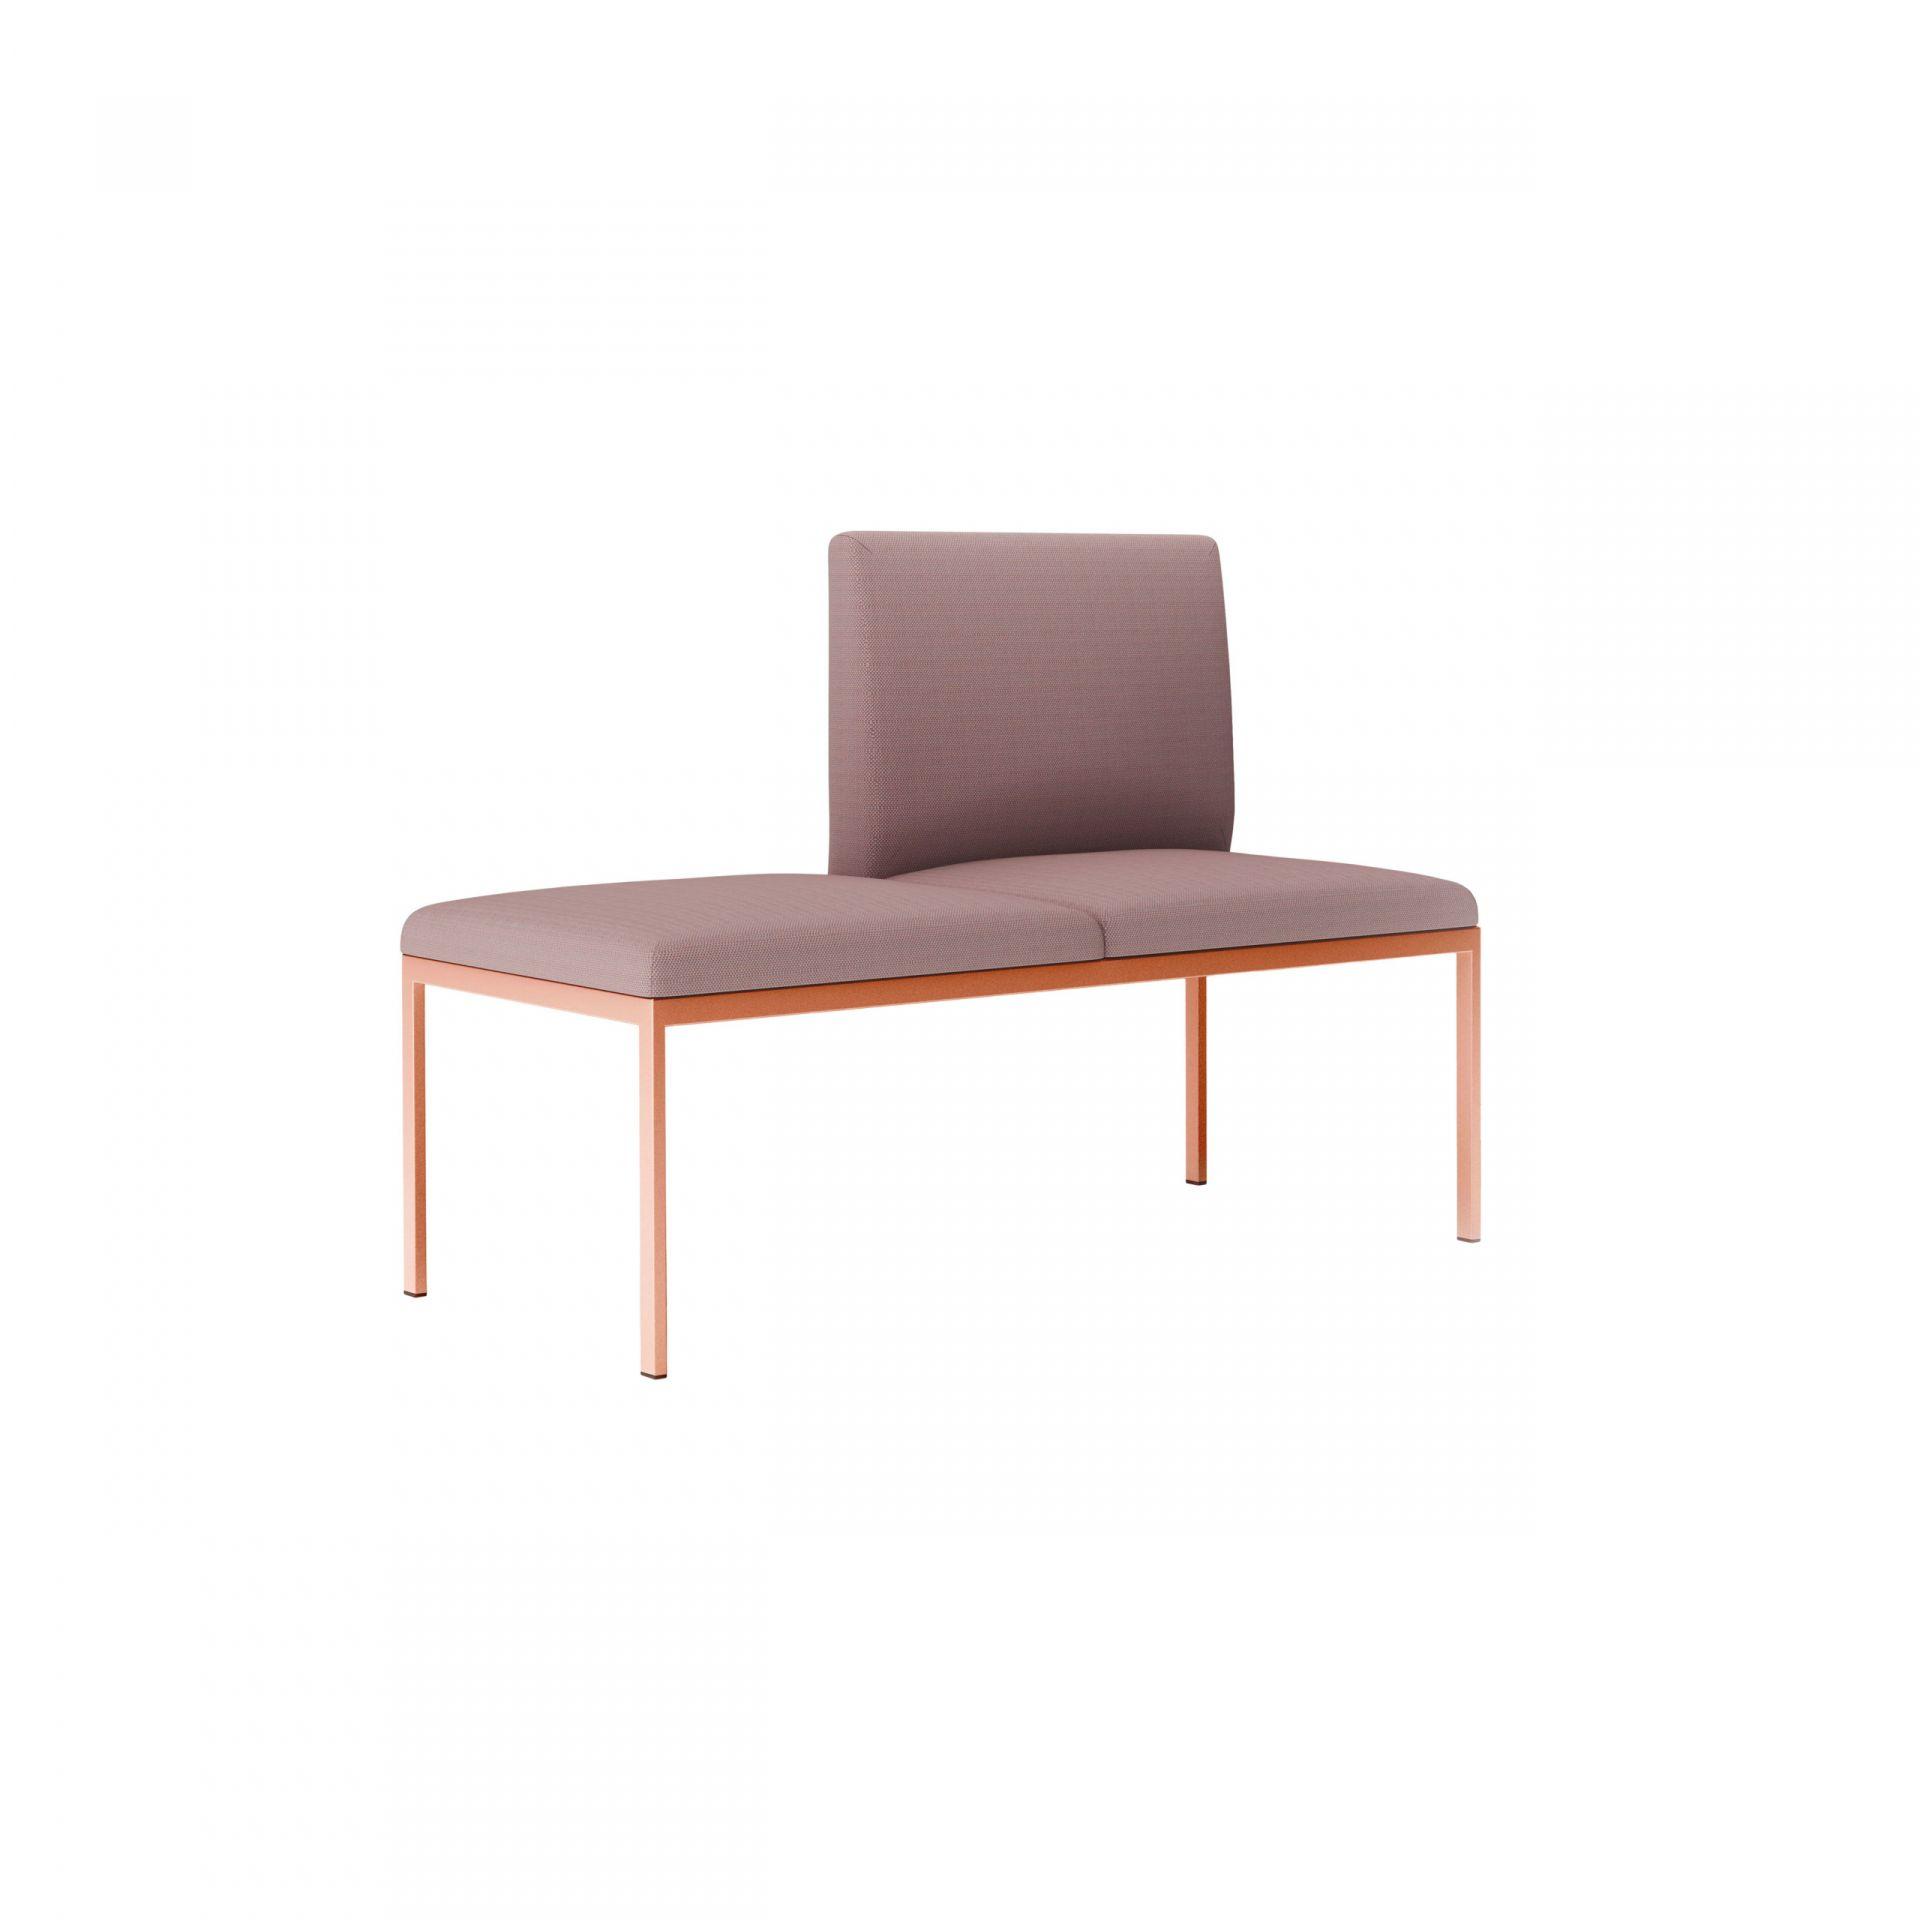 Create Seating Bänk produktbild 2